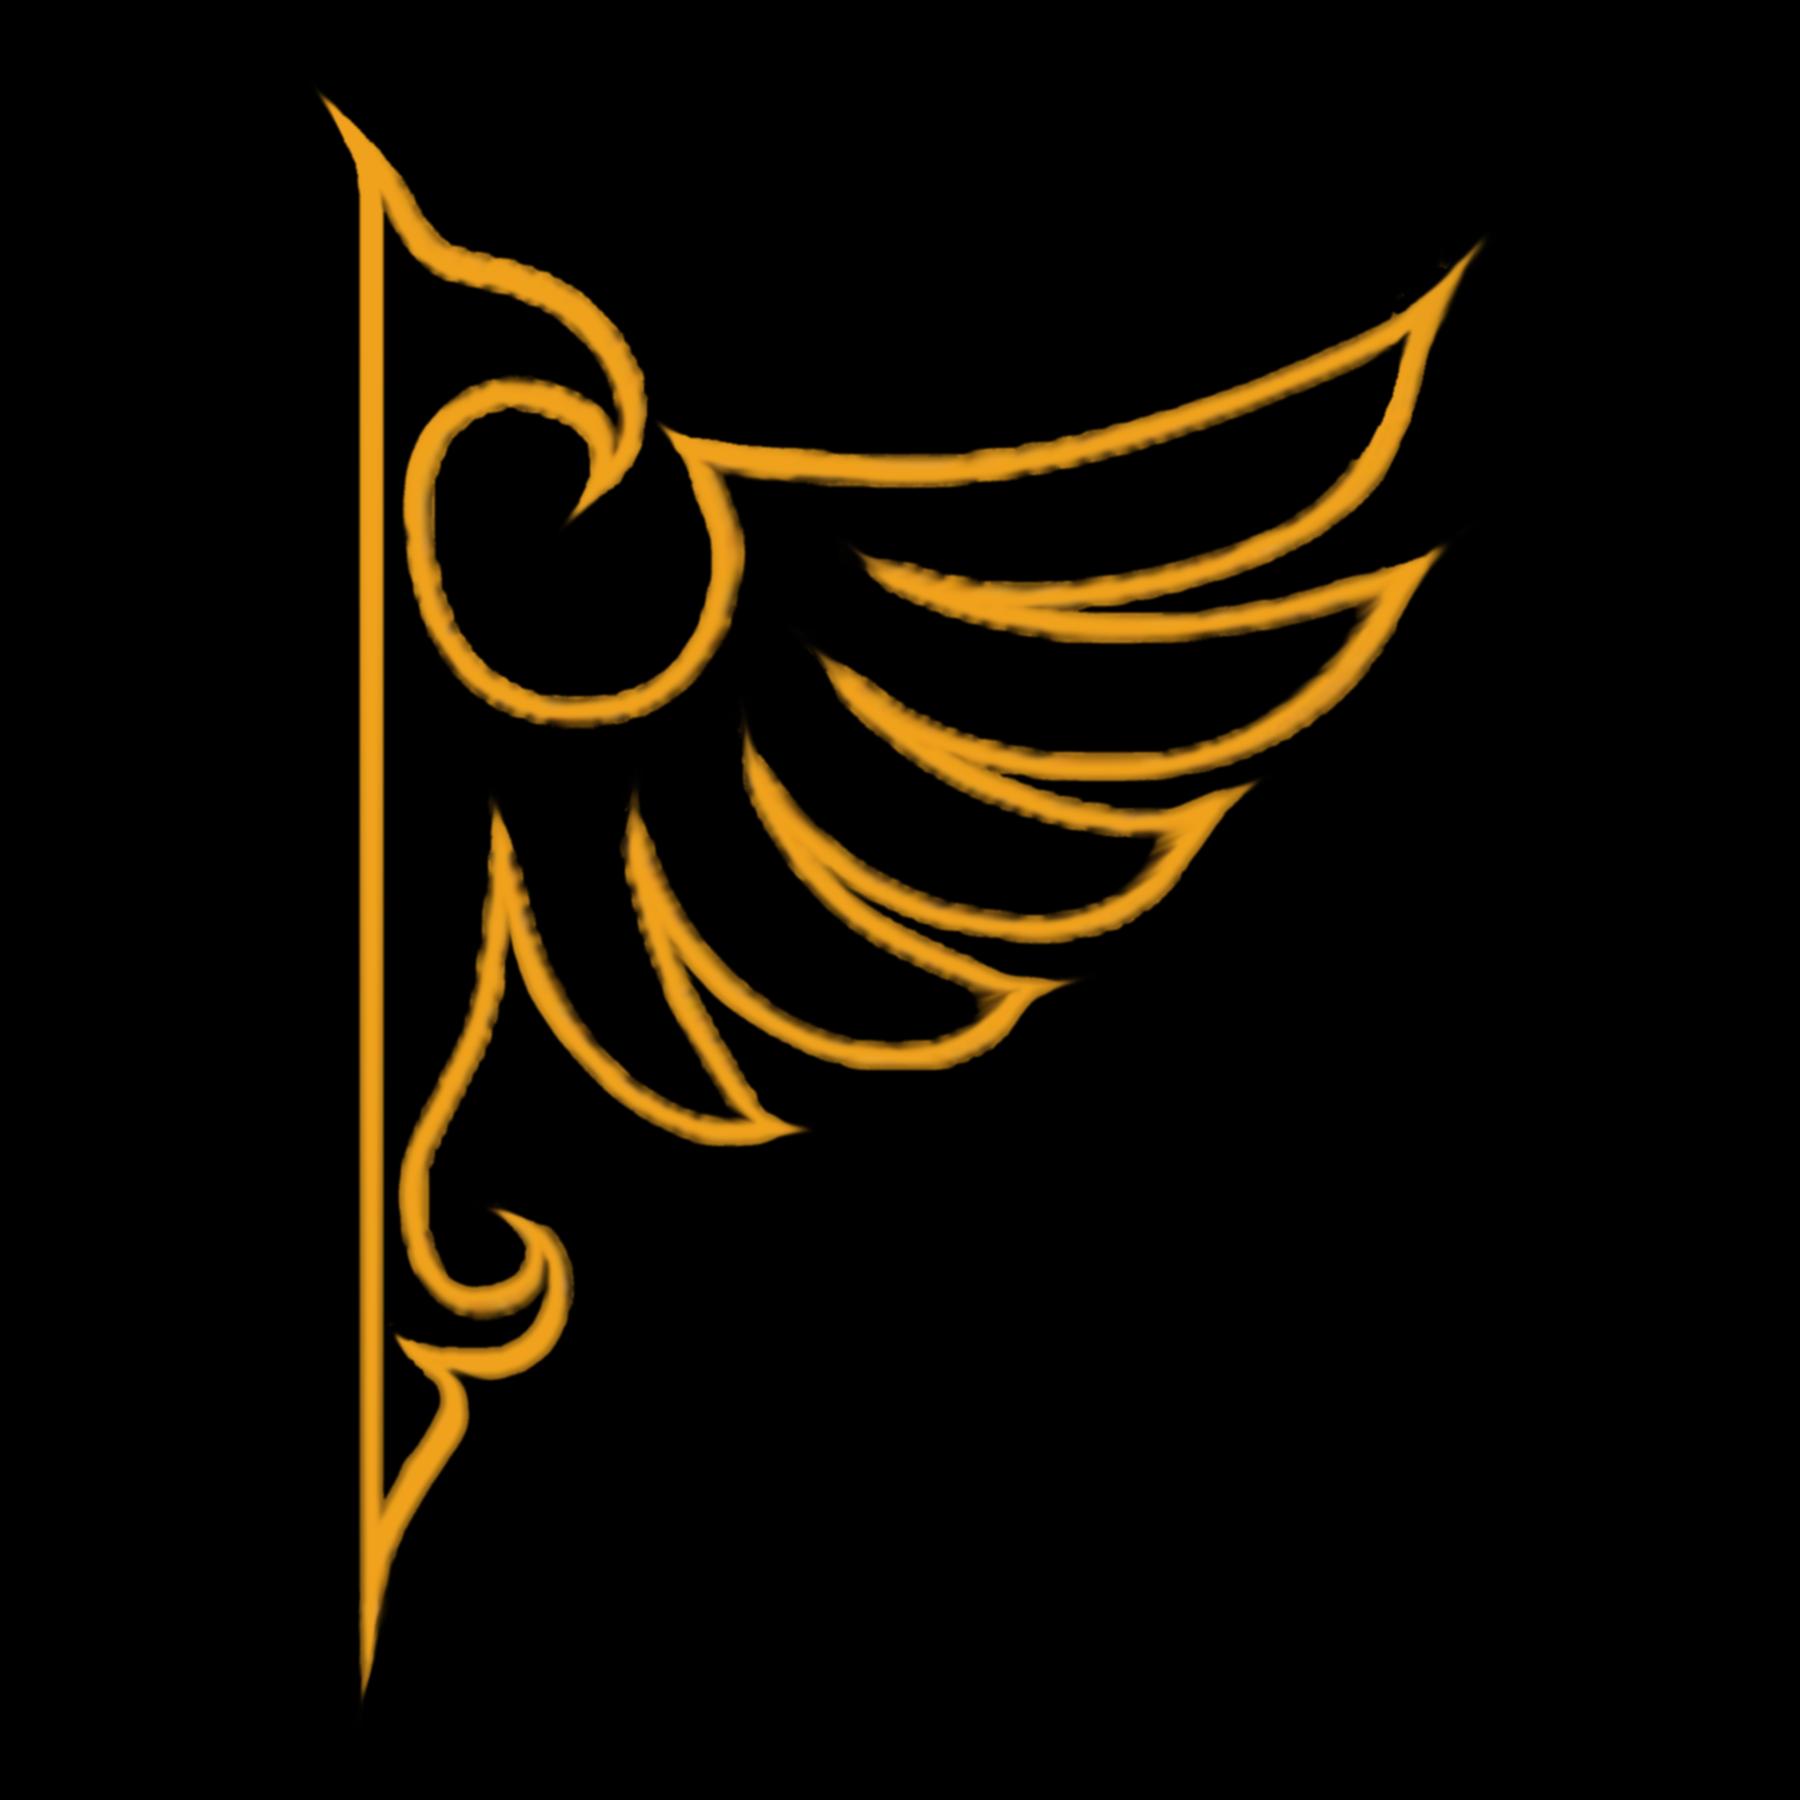 One-winged Eagle v0.5 by vonRundstedt